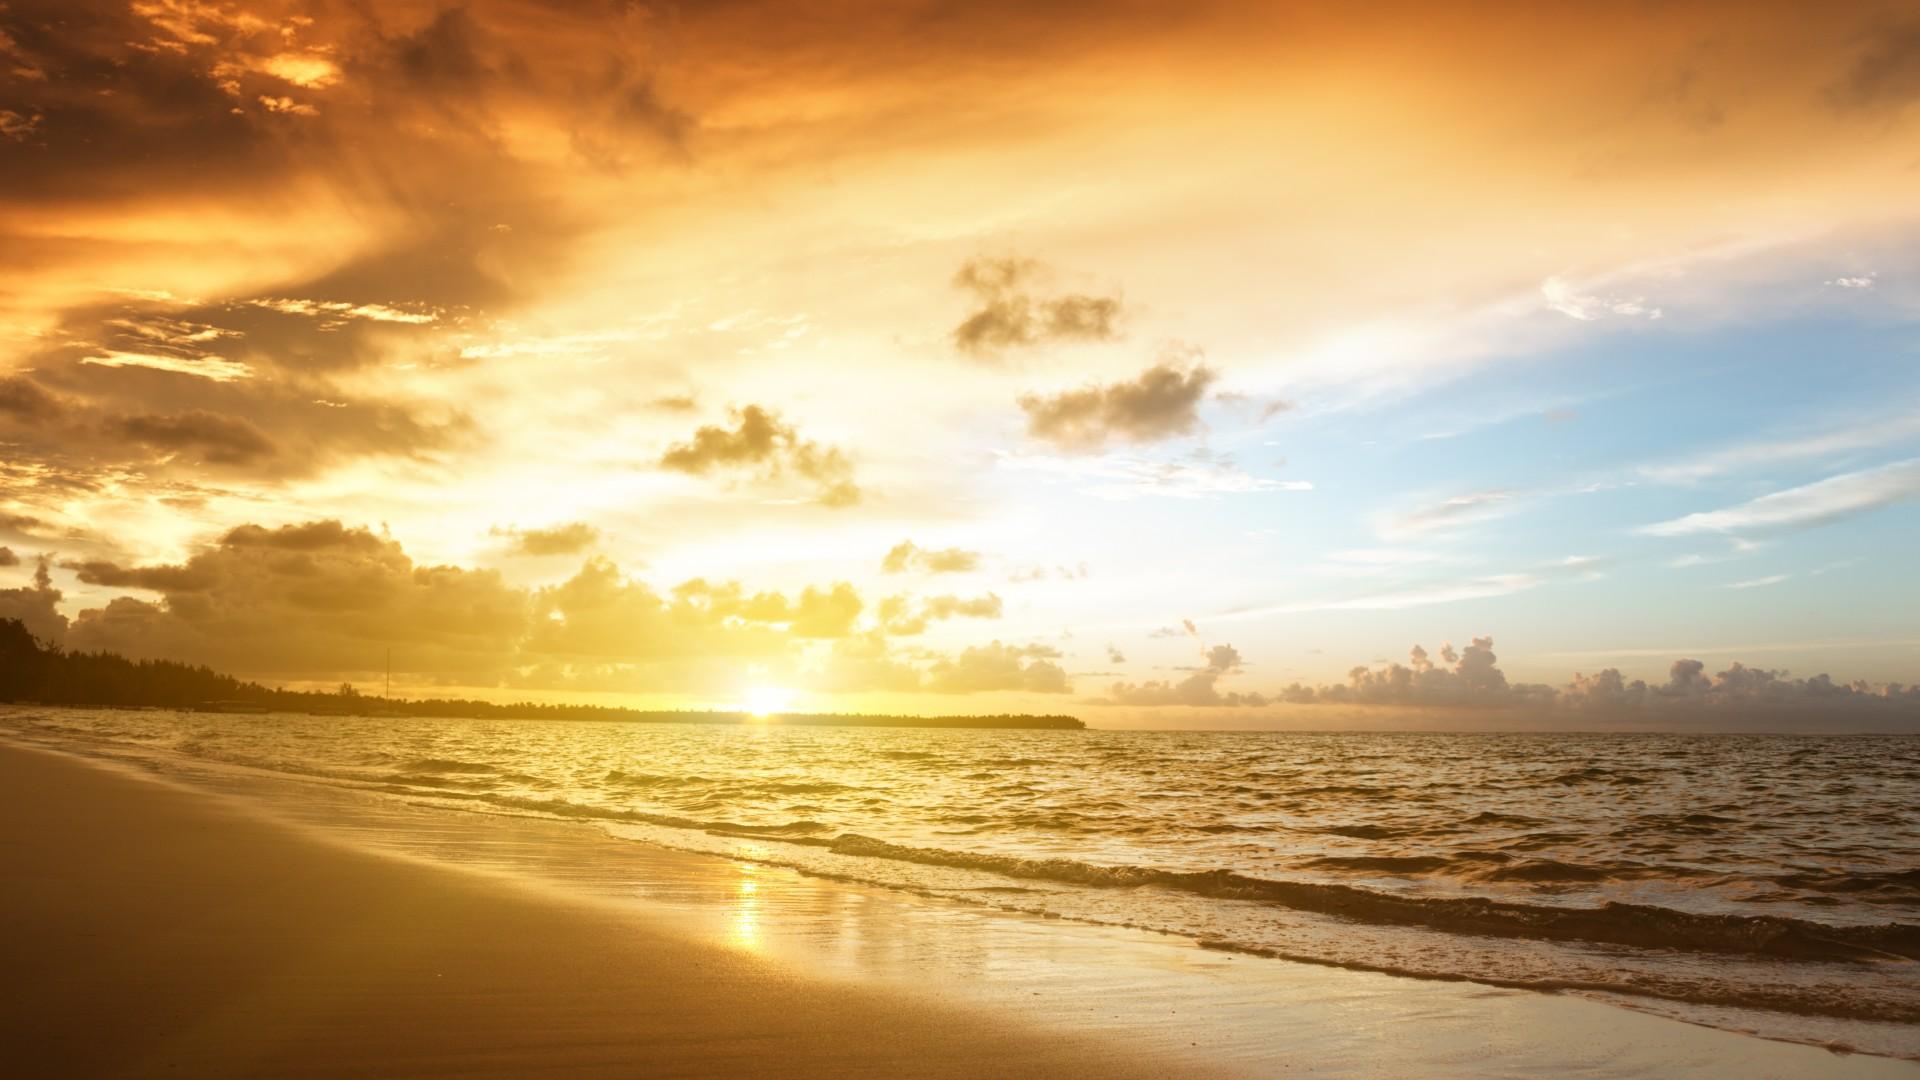 ... Sunrise in Carebbean sea ...